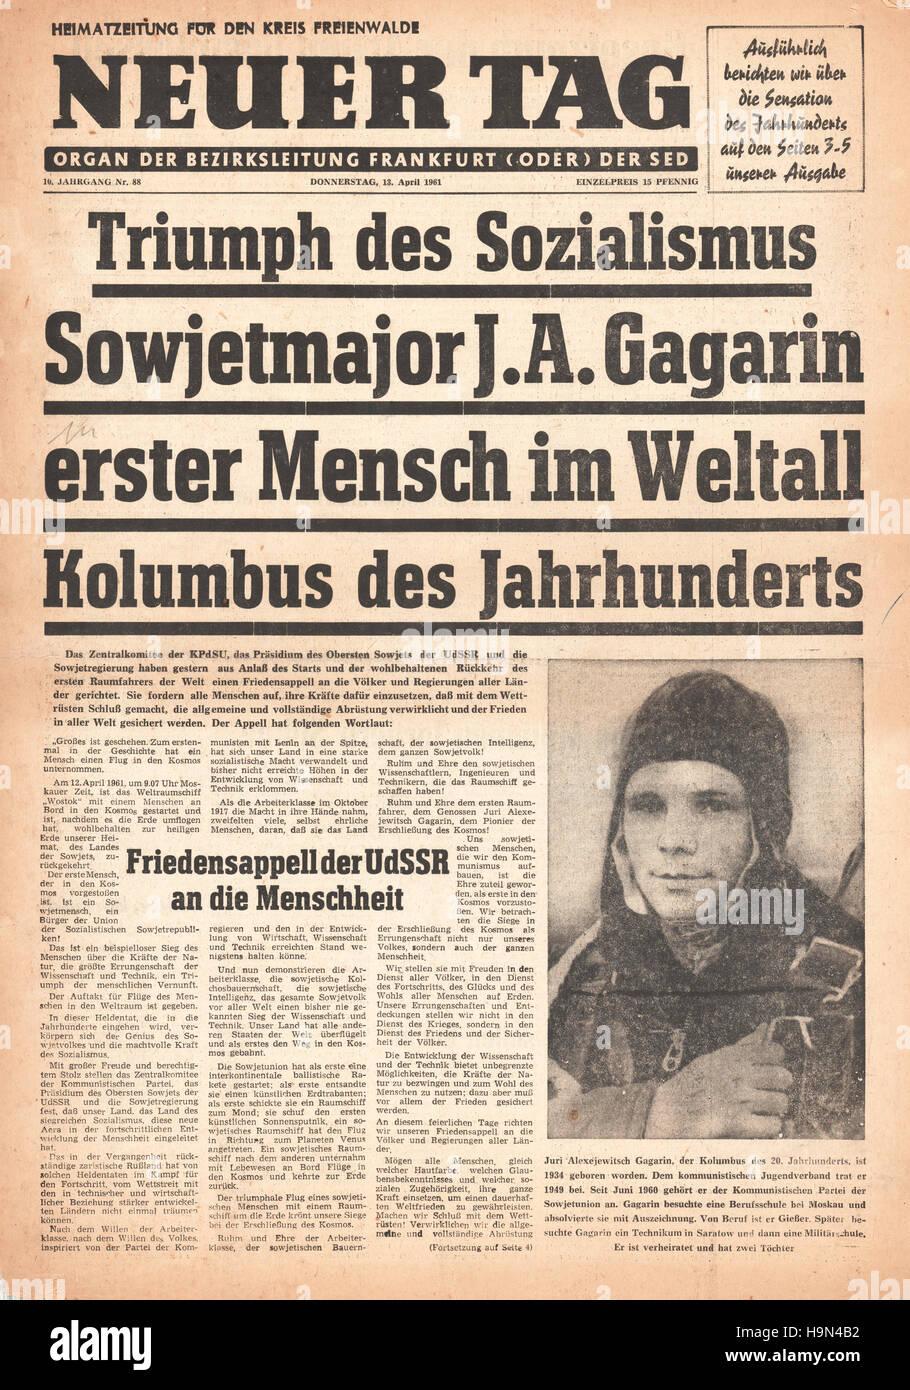 1961 ist Neuer Tag Deutschland Titelseite Yuri Gagarin erster